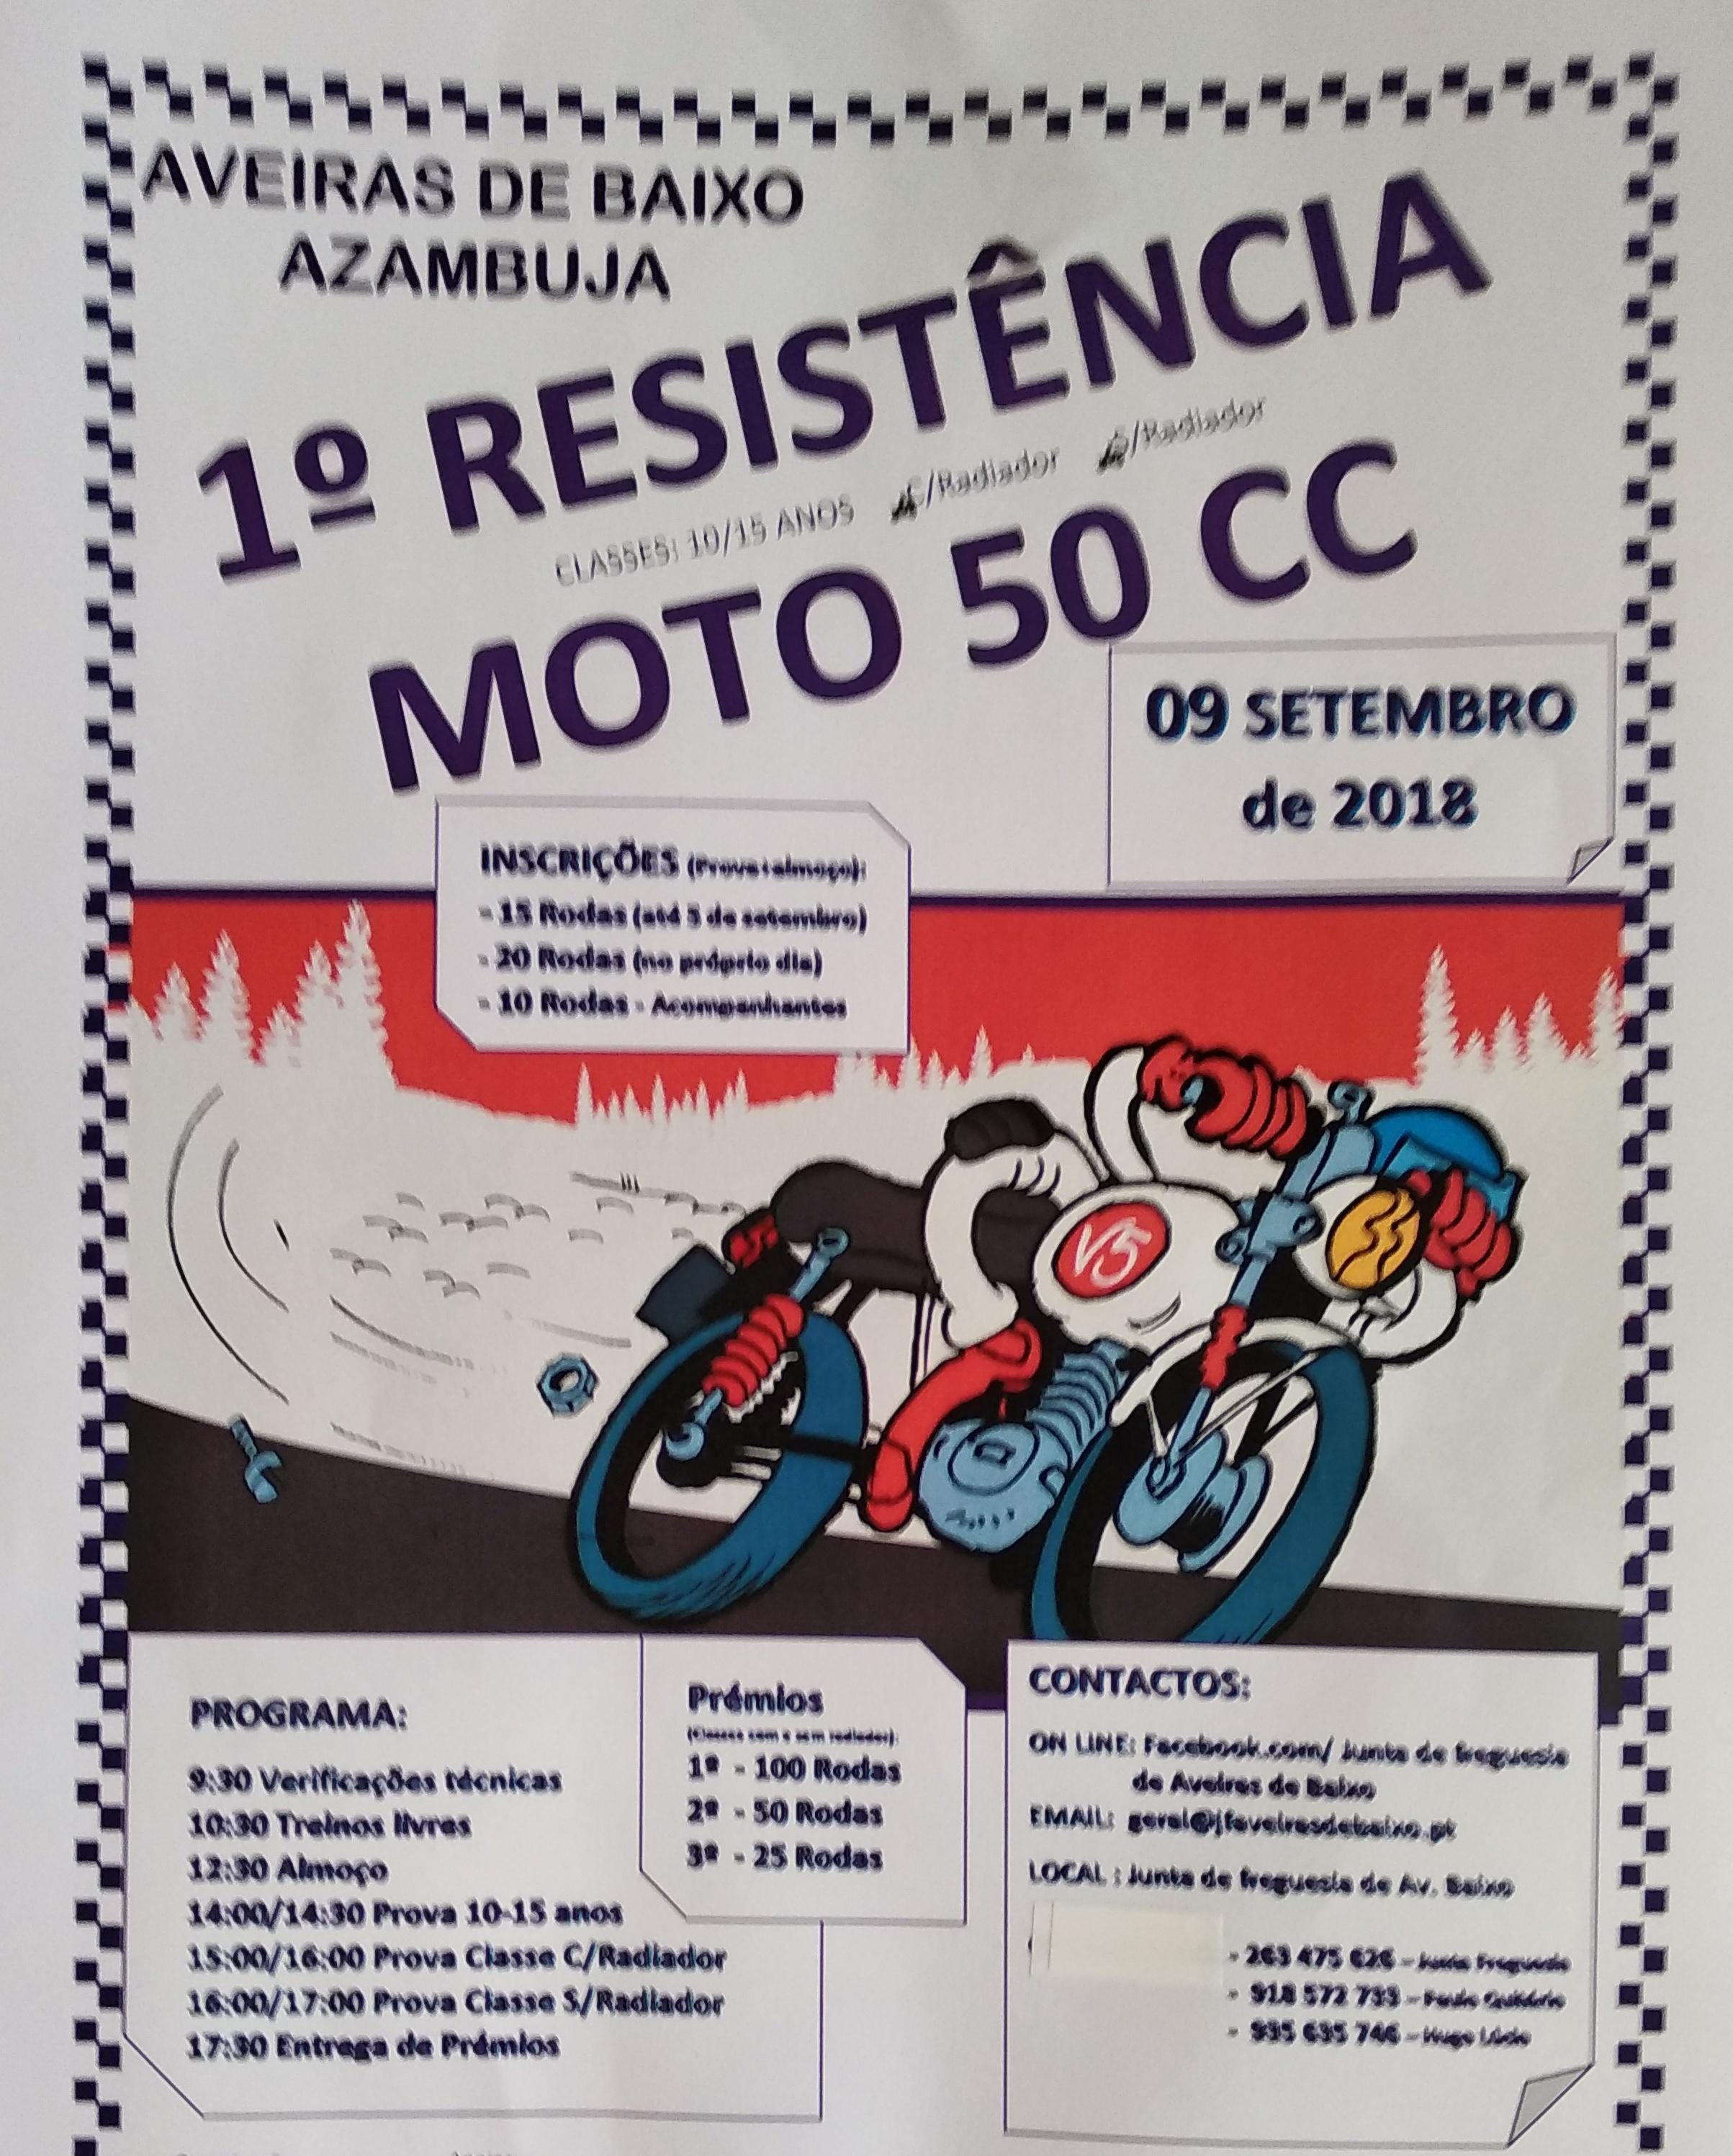 Motocross Aveiras de Baixo